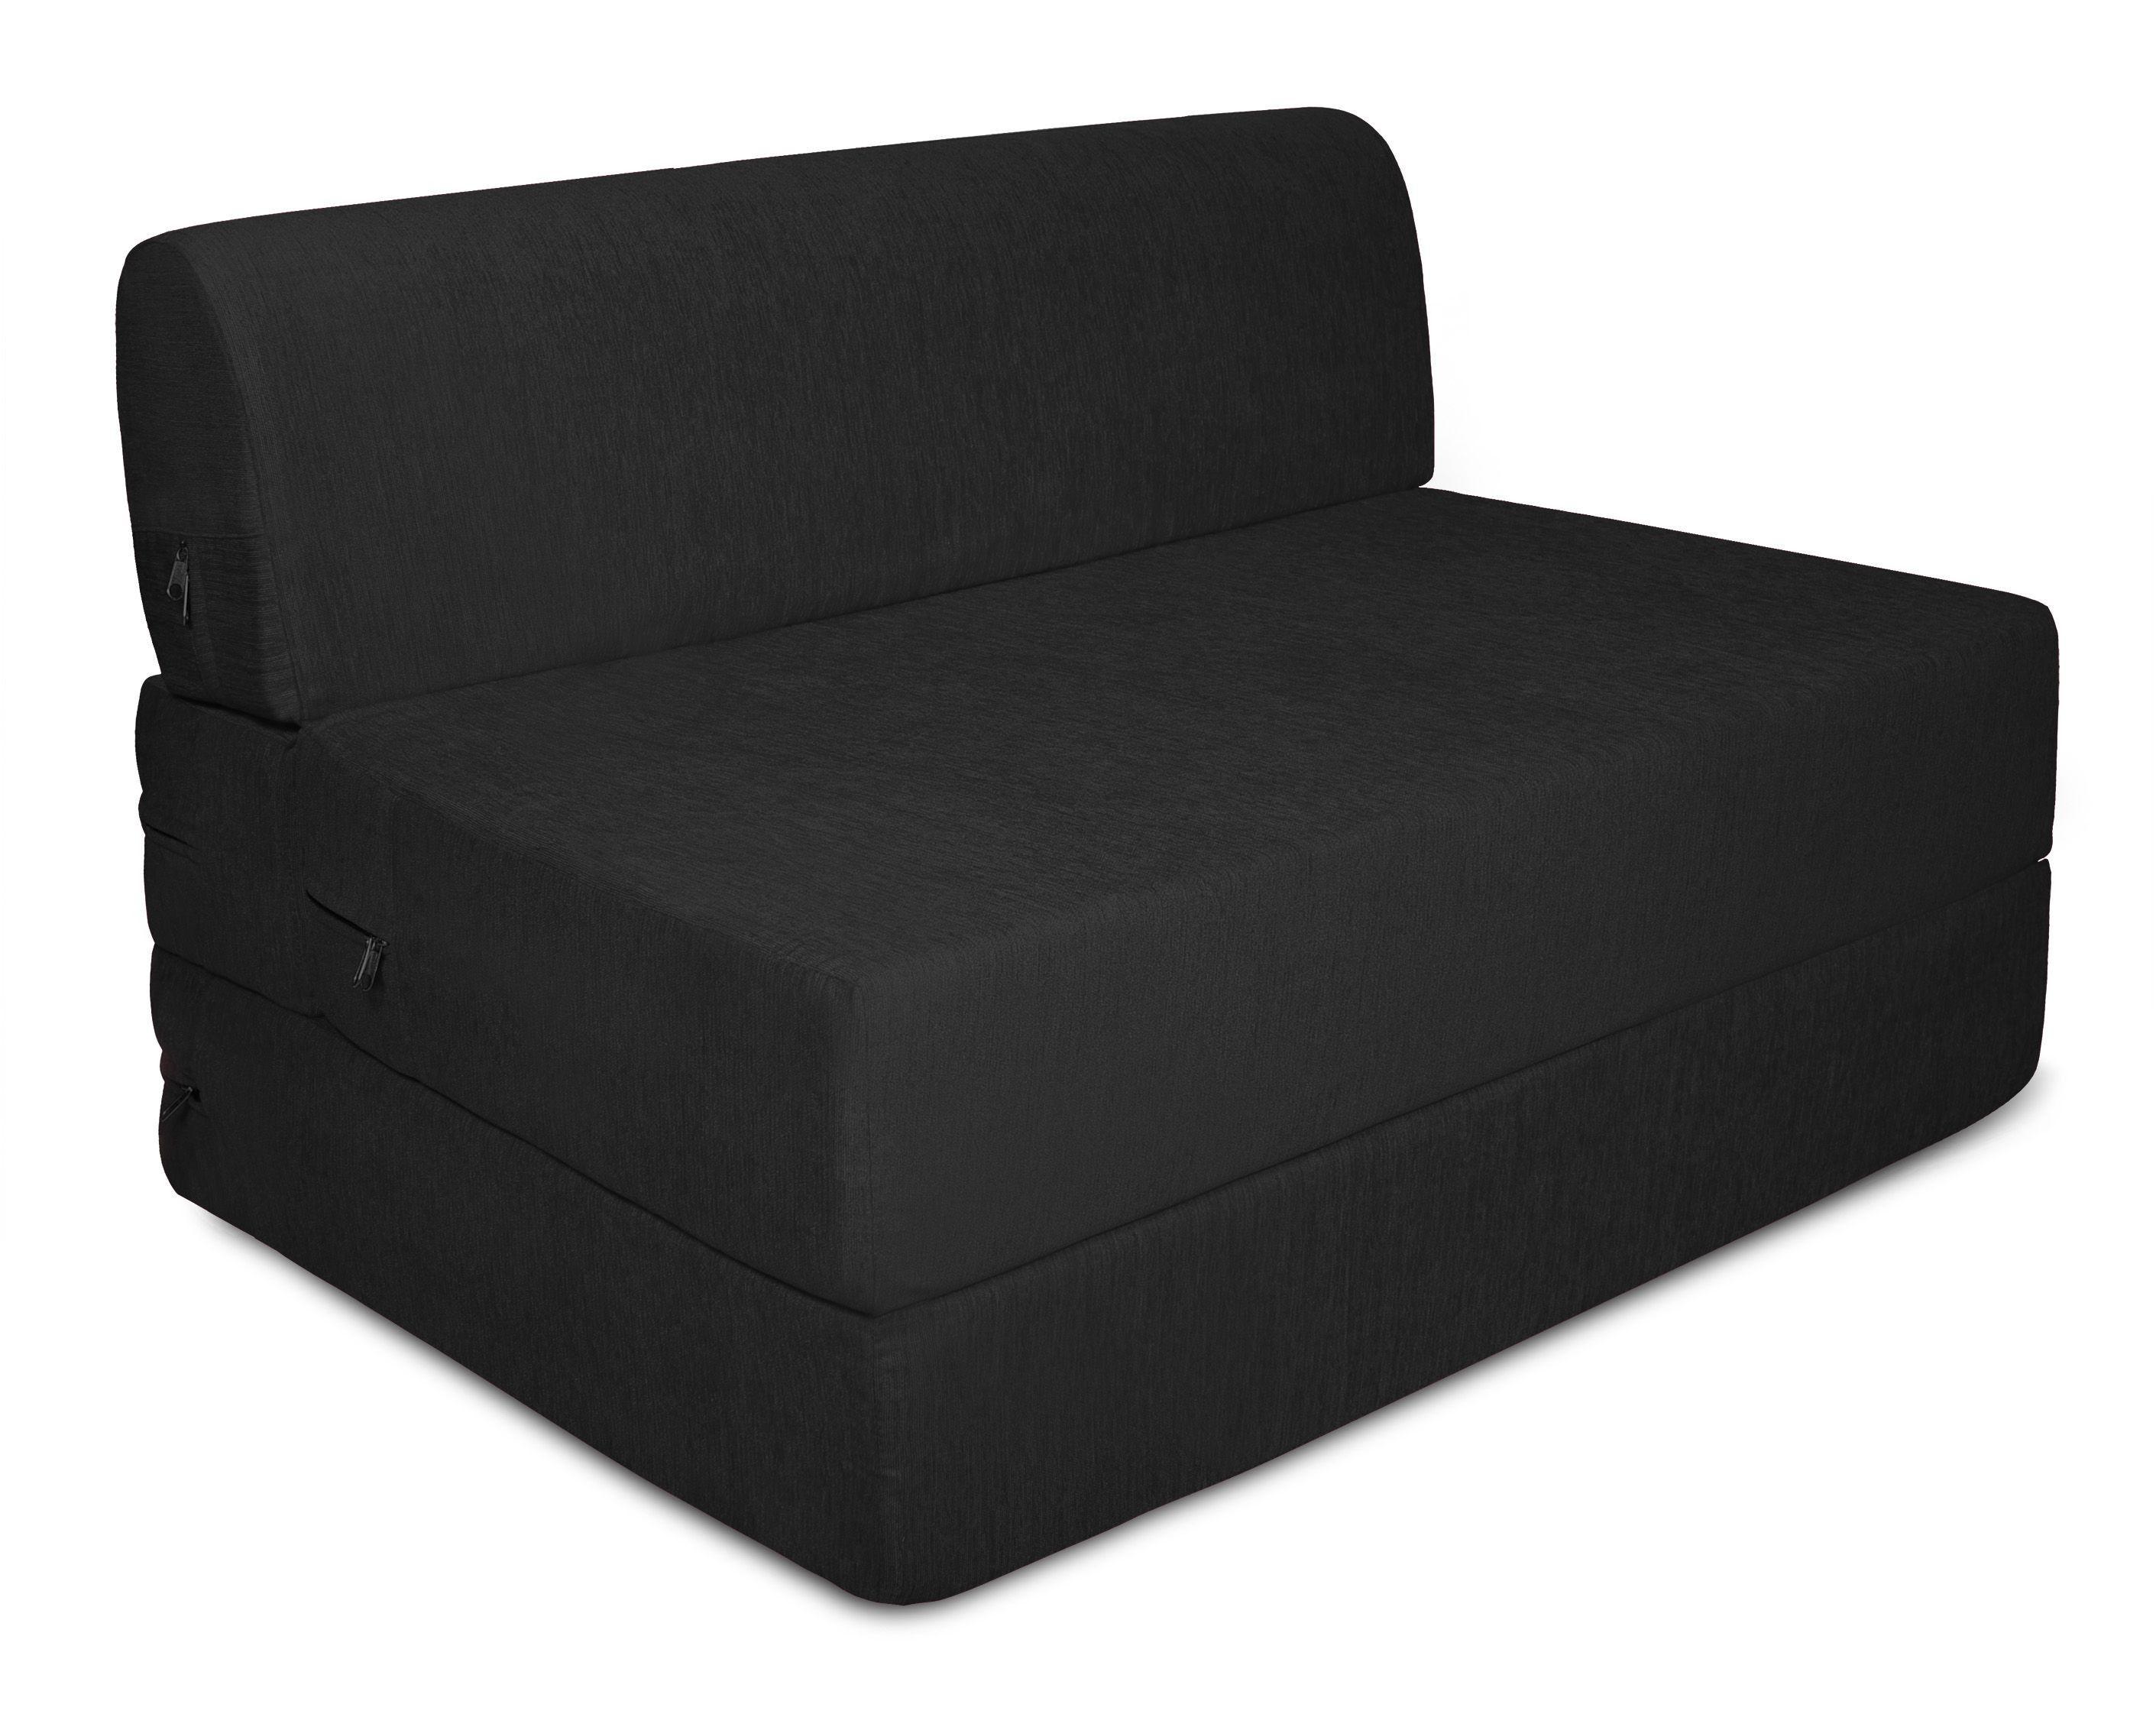 Frisch Xxxl Couch Dengan Gambar